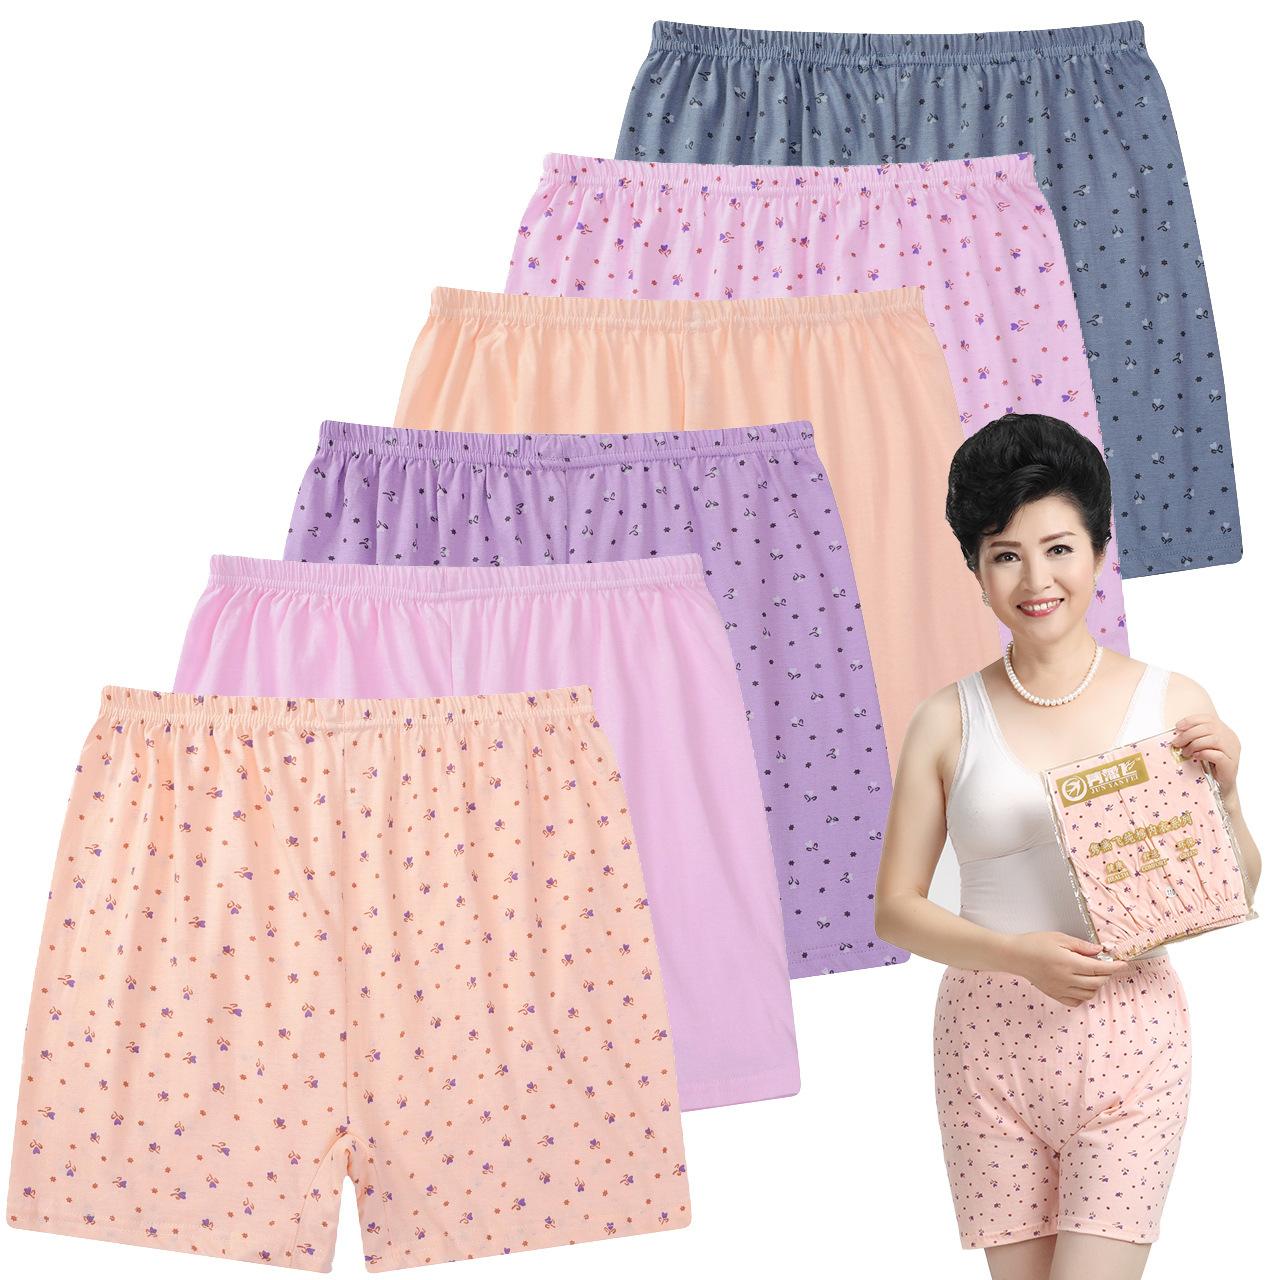 女士純棉高腰寬鬆平角褲 中老年人100%全棉內褲 純棉女大碼短褲